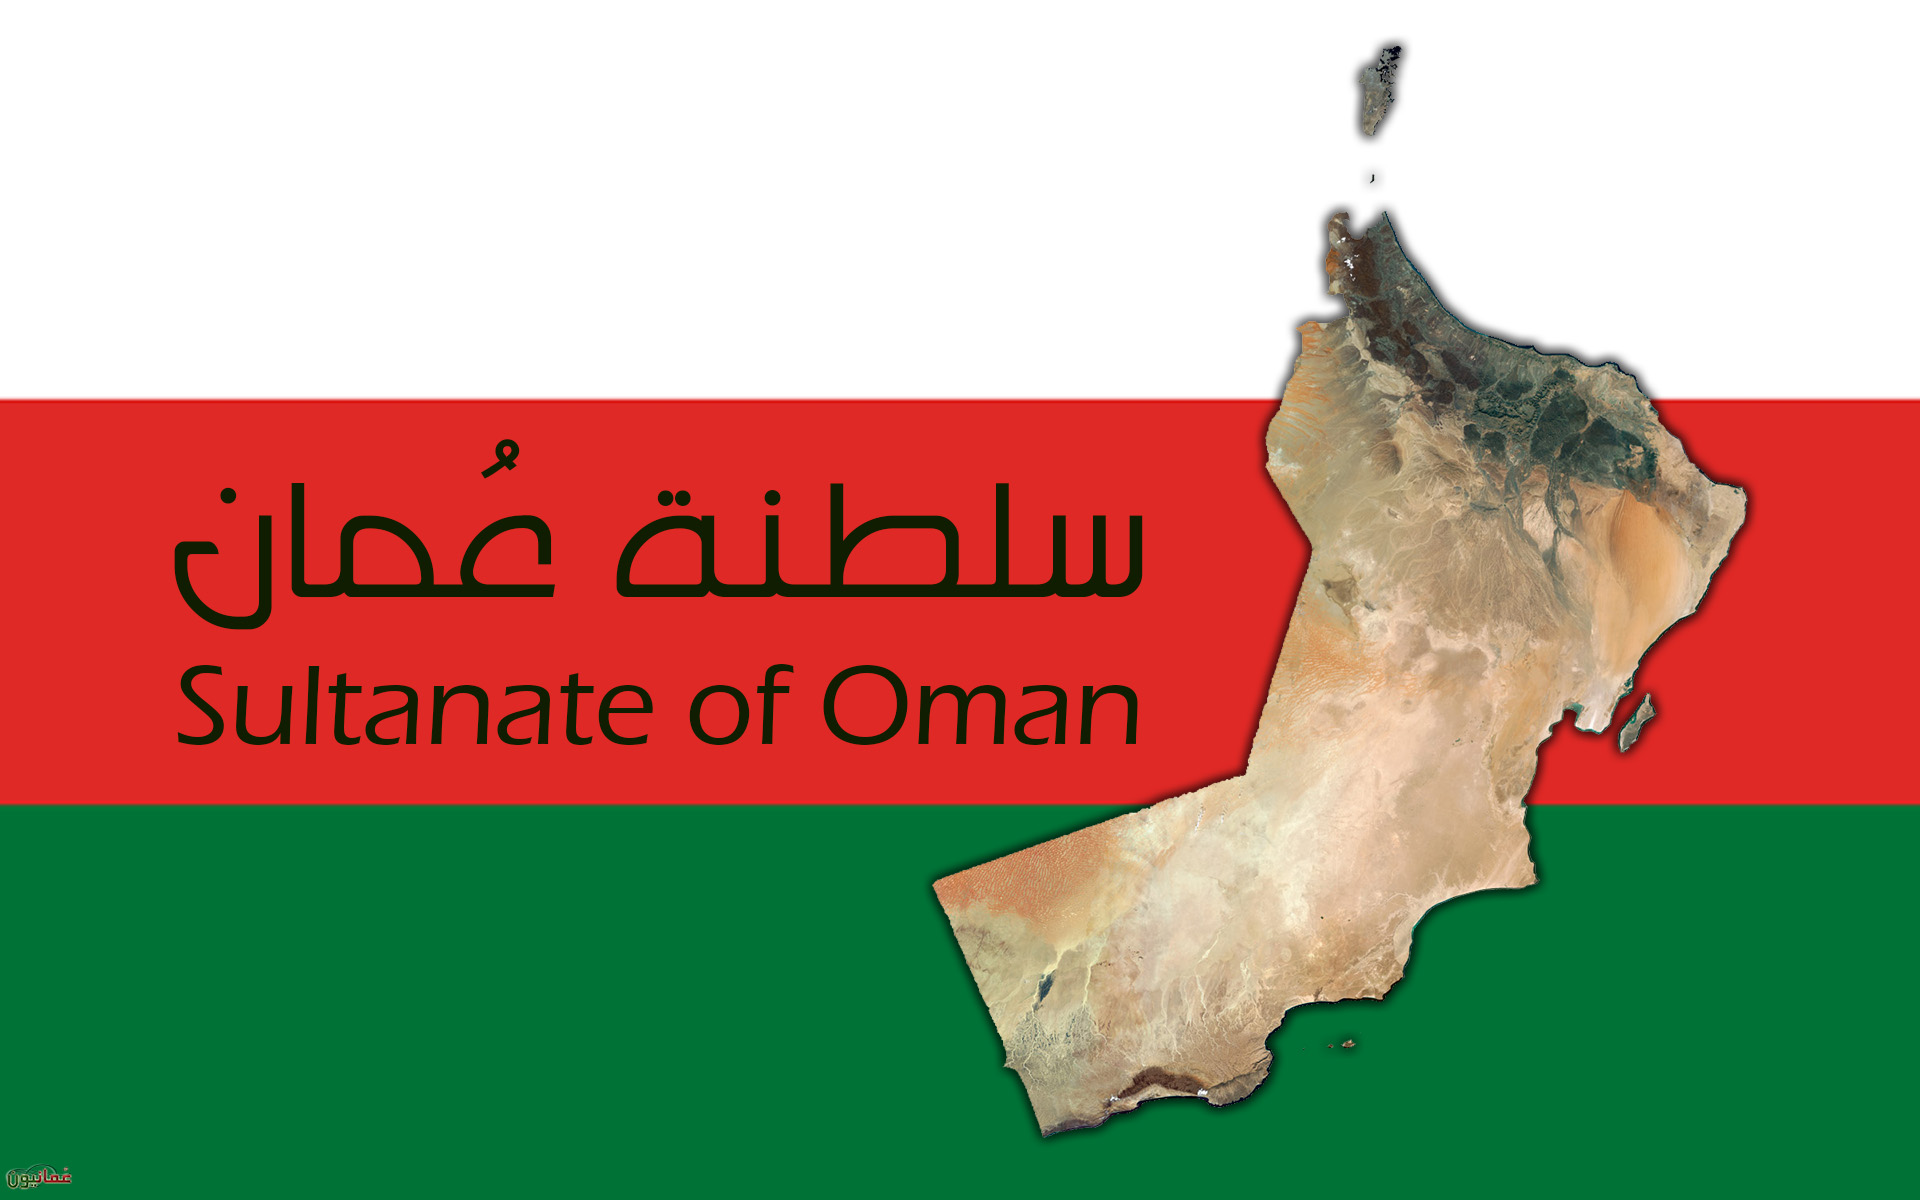 مطلوب مدرسين ومدرسات كافة التخصصات لمدارس كبرى بسلطانة عمان